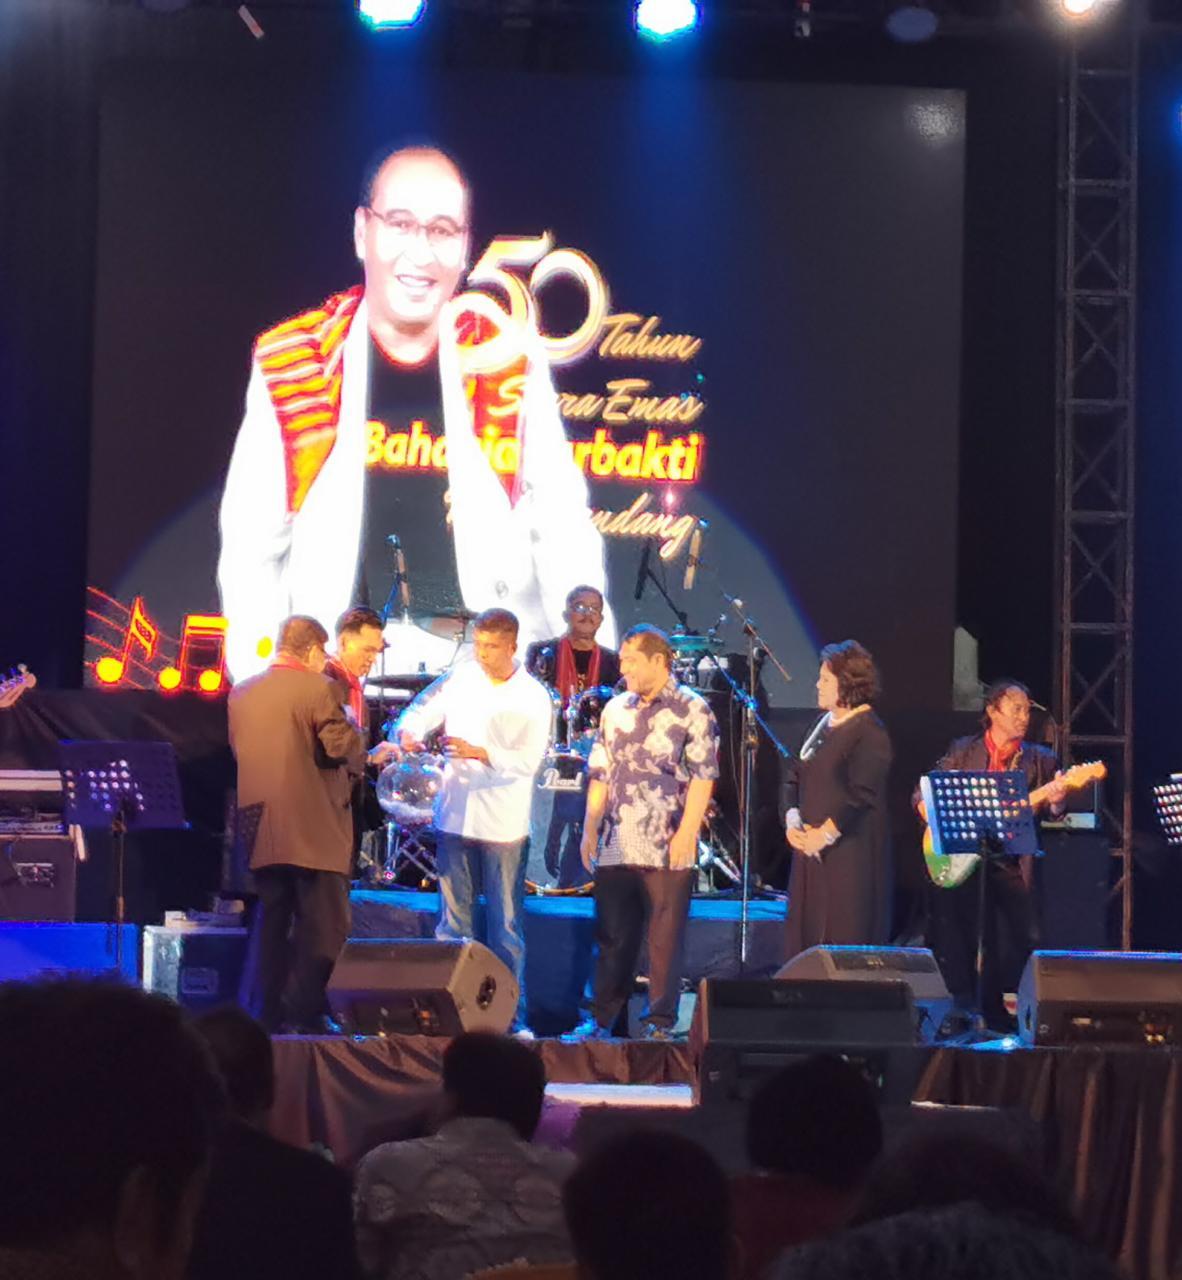 Bupati Karo dan Danbrigif 7/RR Nobar 50 Tahun Suara 'Emas' Bahagia Surbakti